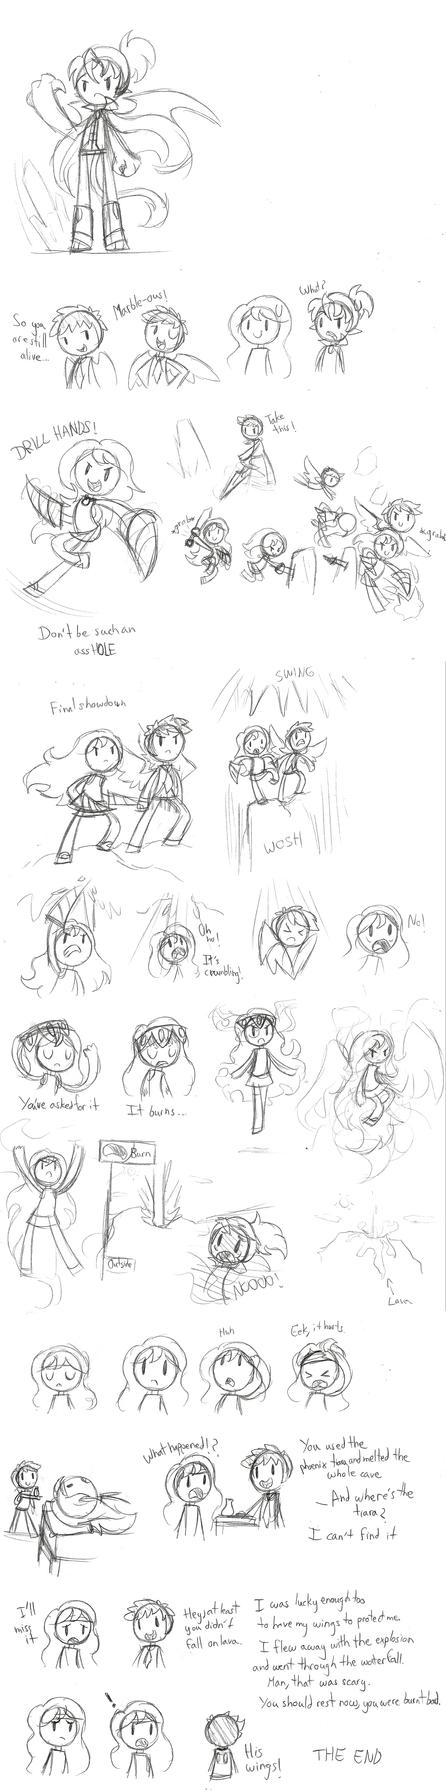 Random Story Sketches by SilviShinyStar